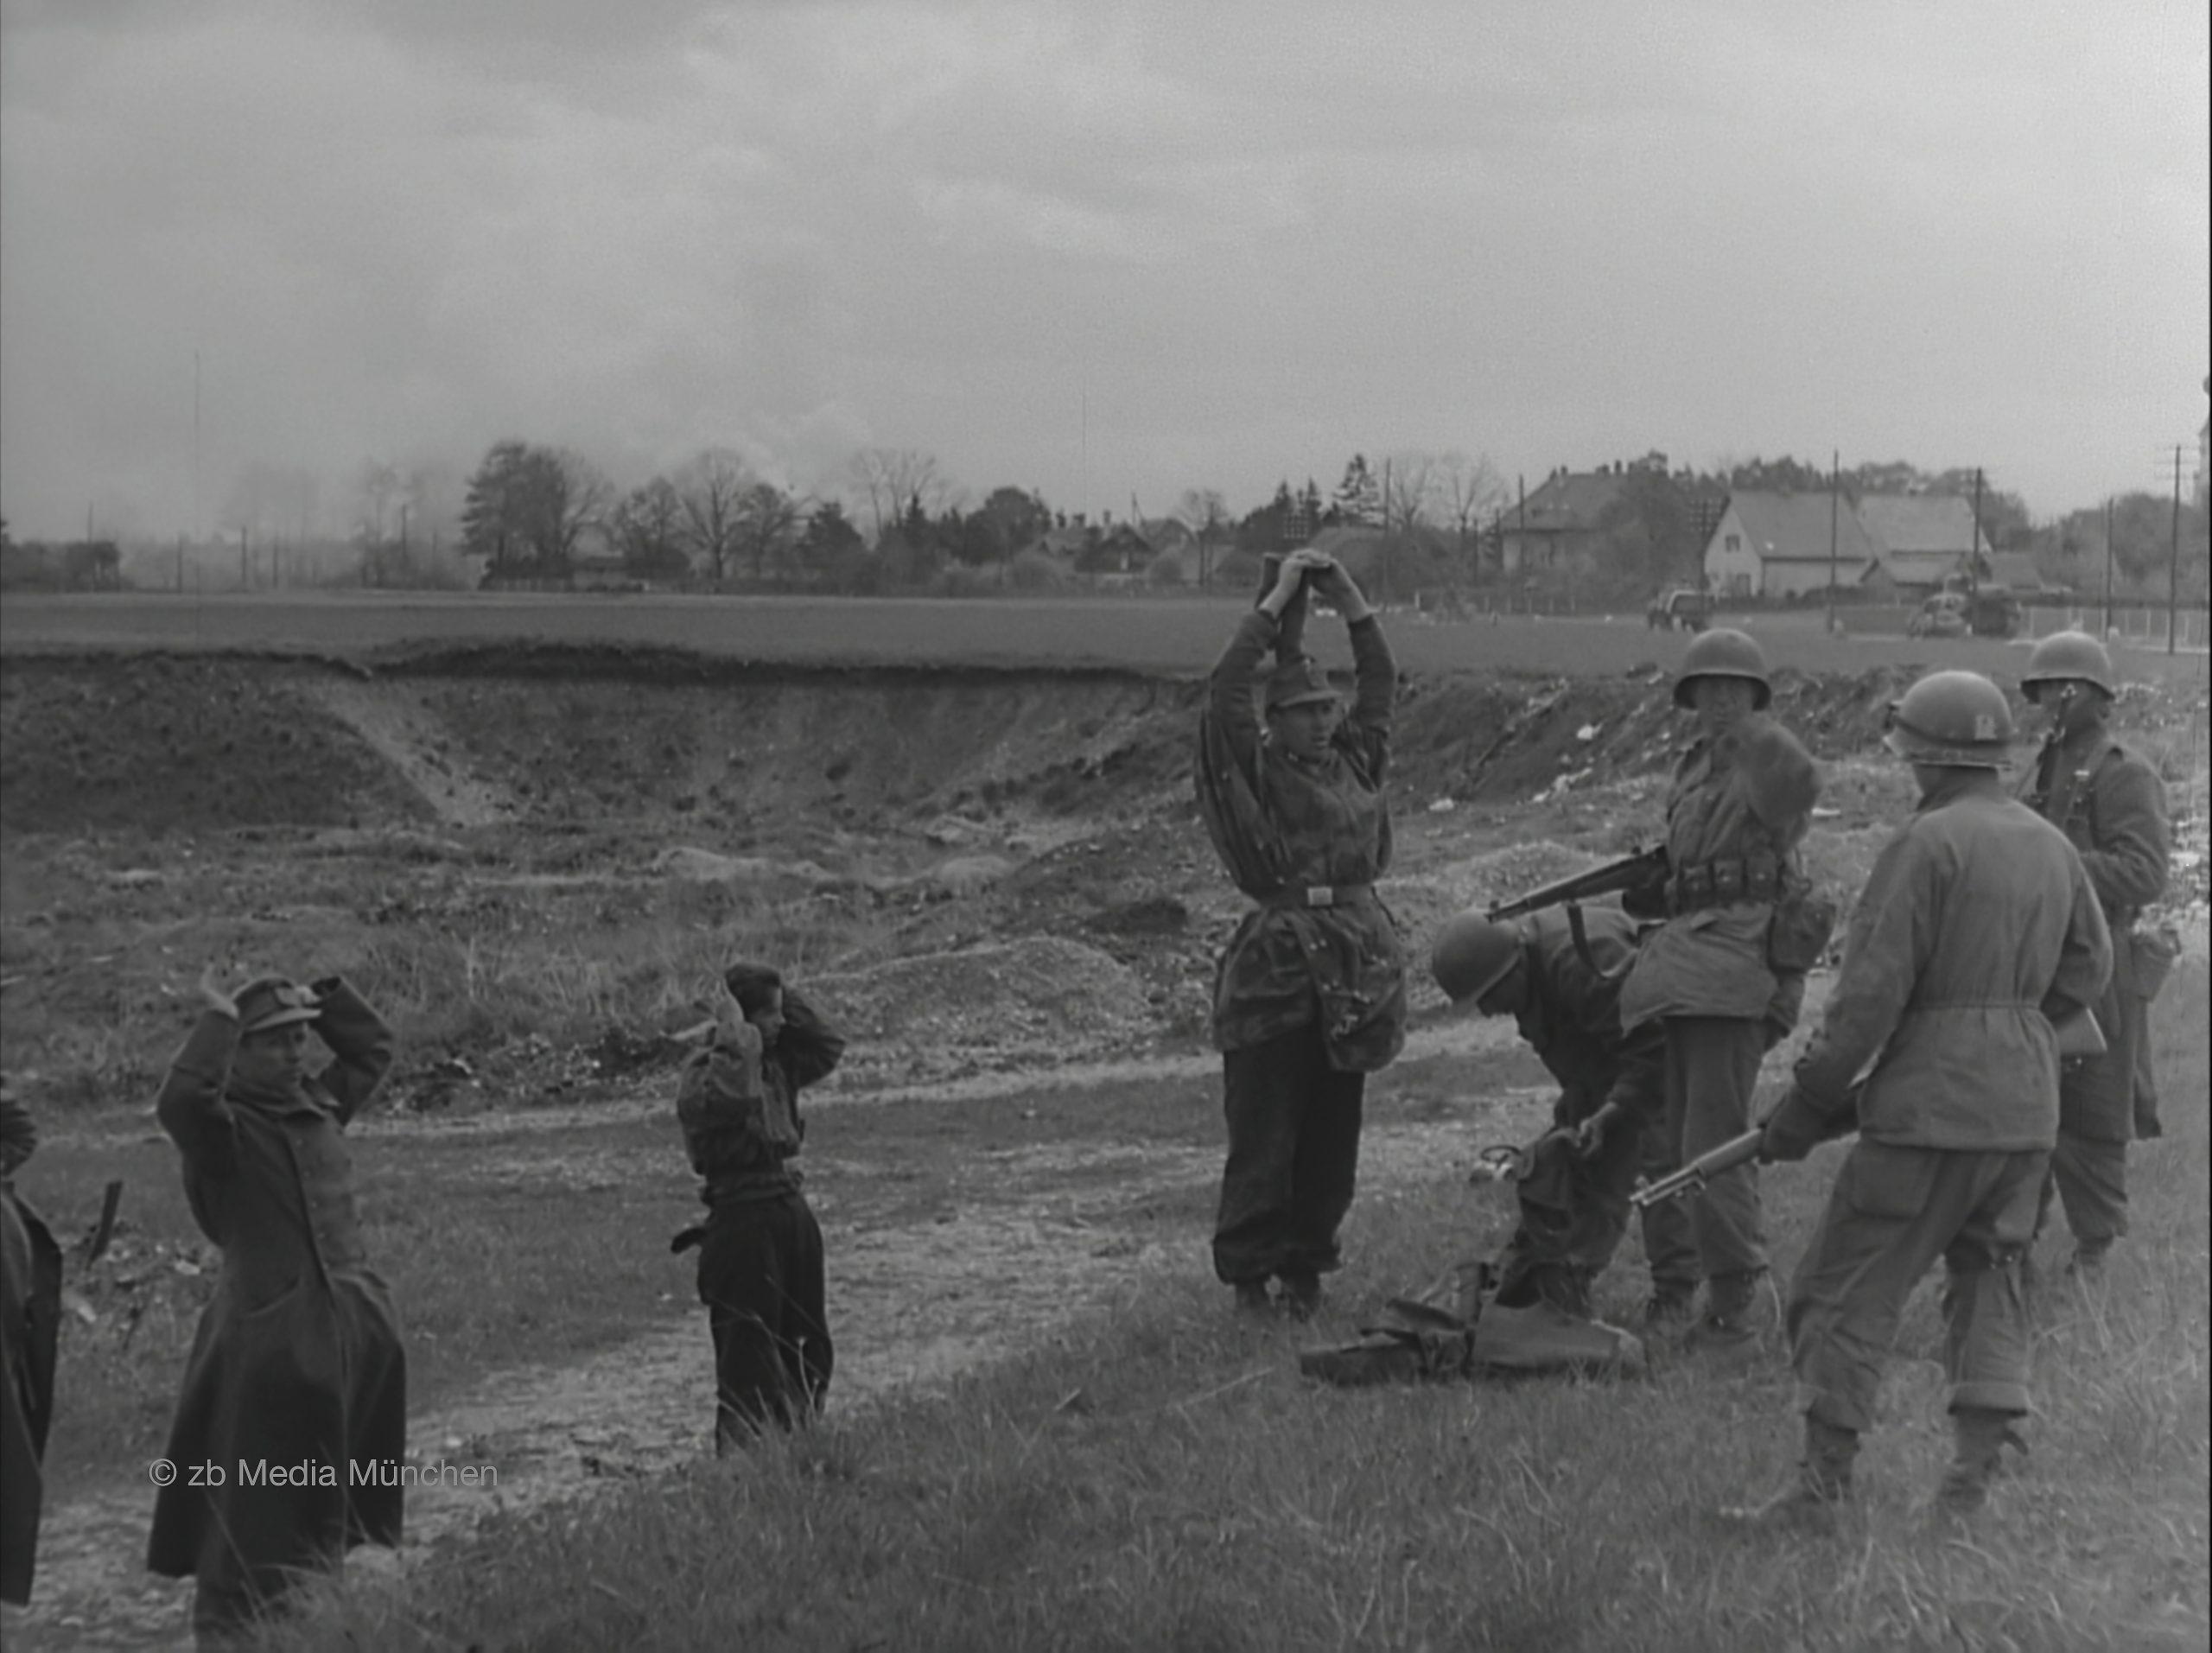 Gefangennahme deutscher SS Soldaten durch amerikanische Truppen, Gröbenzell bei München 30. April 1945